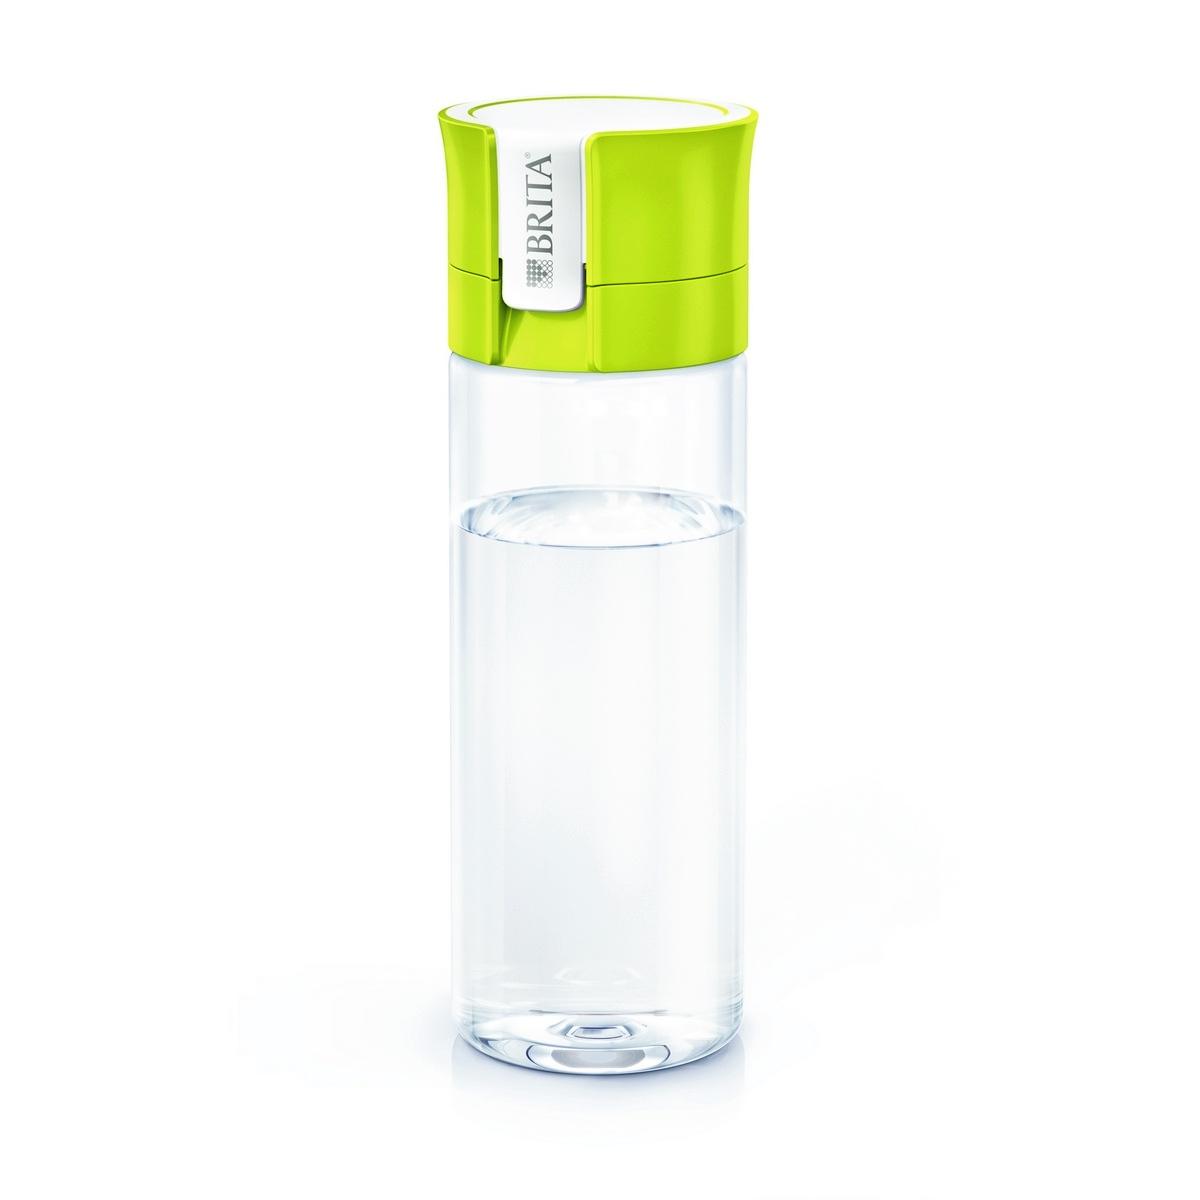 Fľaša filtračná BRITA FILL&GO VITAL LIME